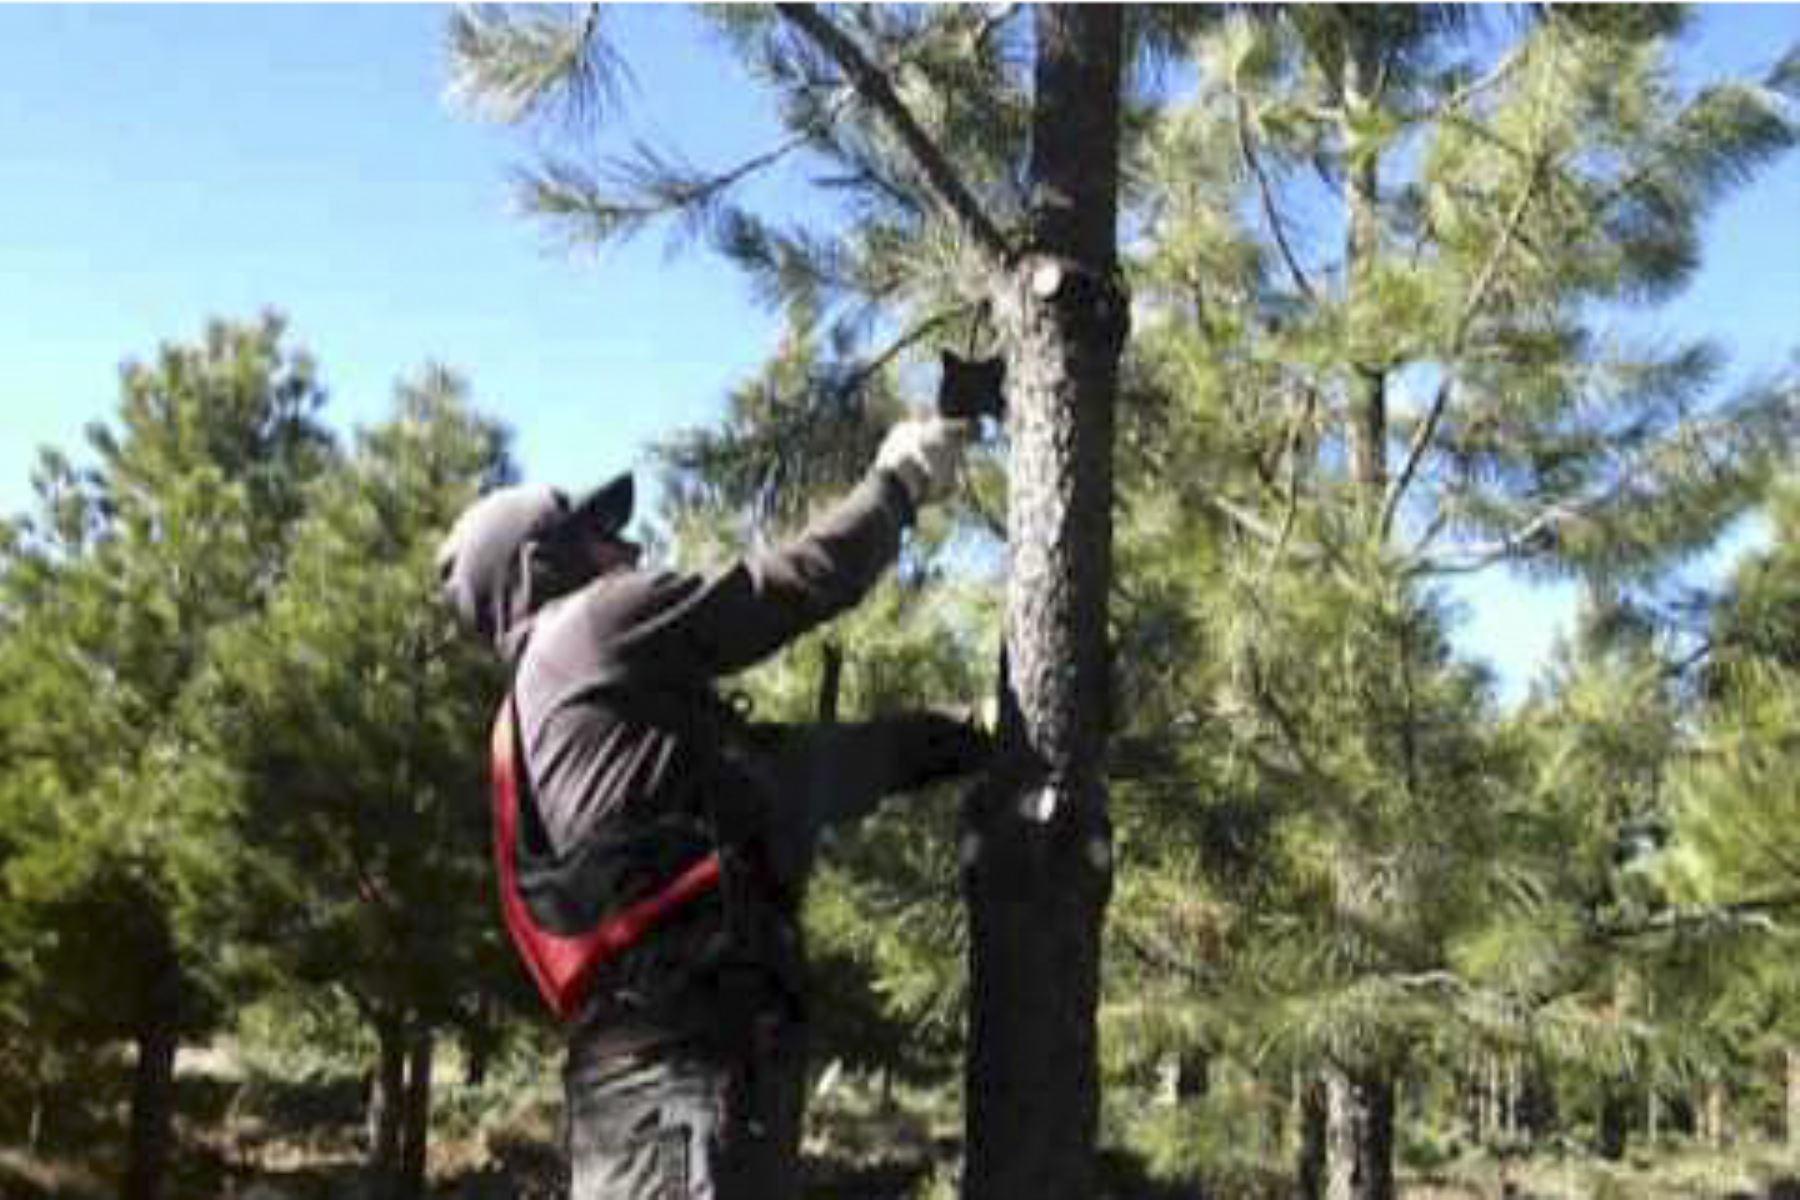 Pequeños productores serán capacitados en manejo silvicultural de plantaciones forestales, informó Agro Rural. Foto: ANDINA/Difusión